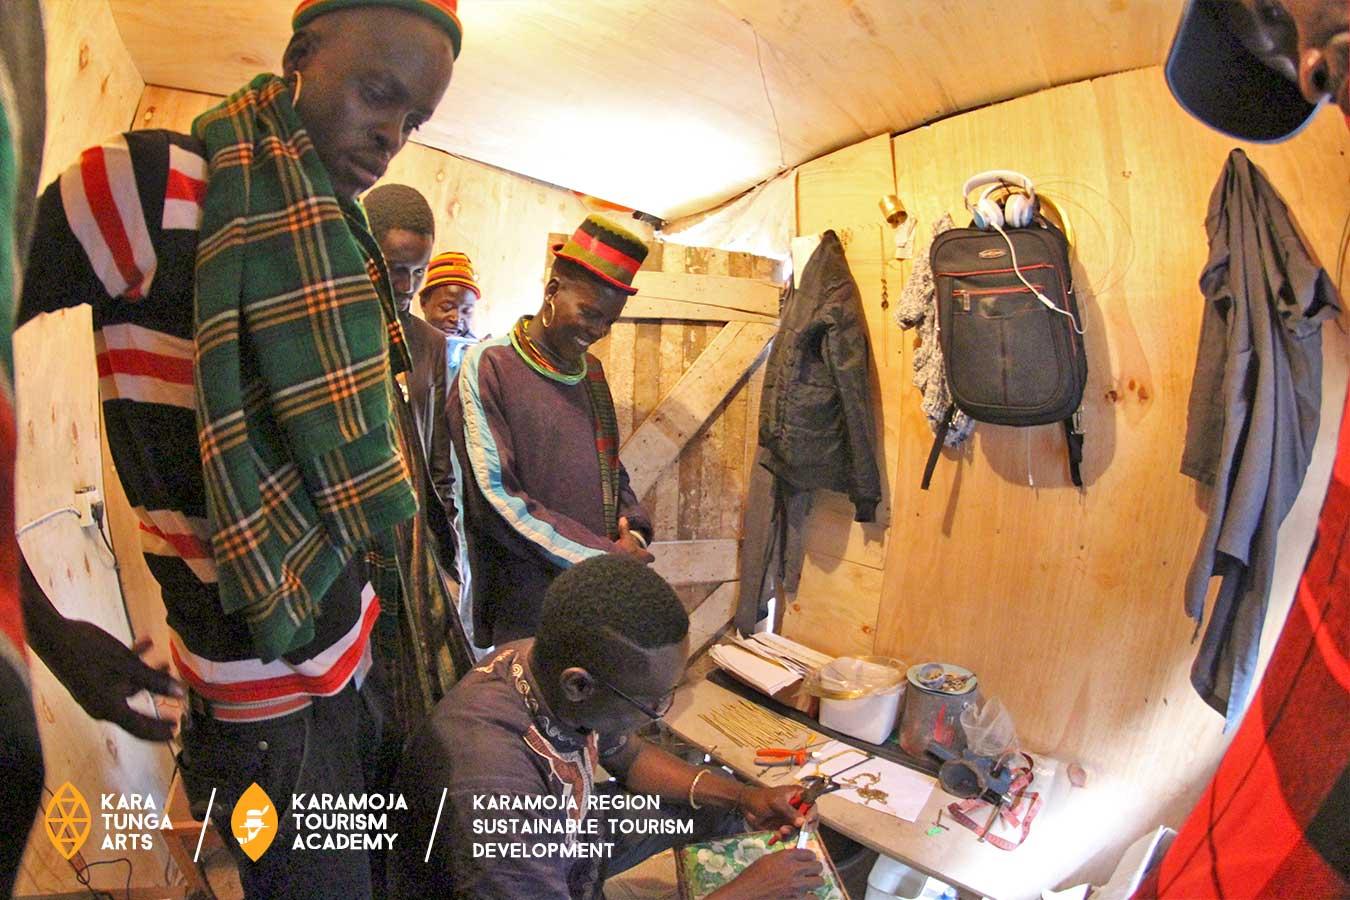 kara-tunga-karamoja-uganda-arts-crafts-tours-culture-development-32